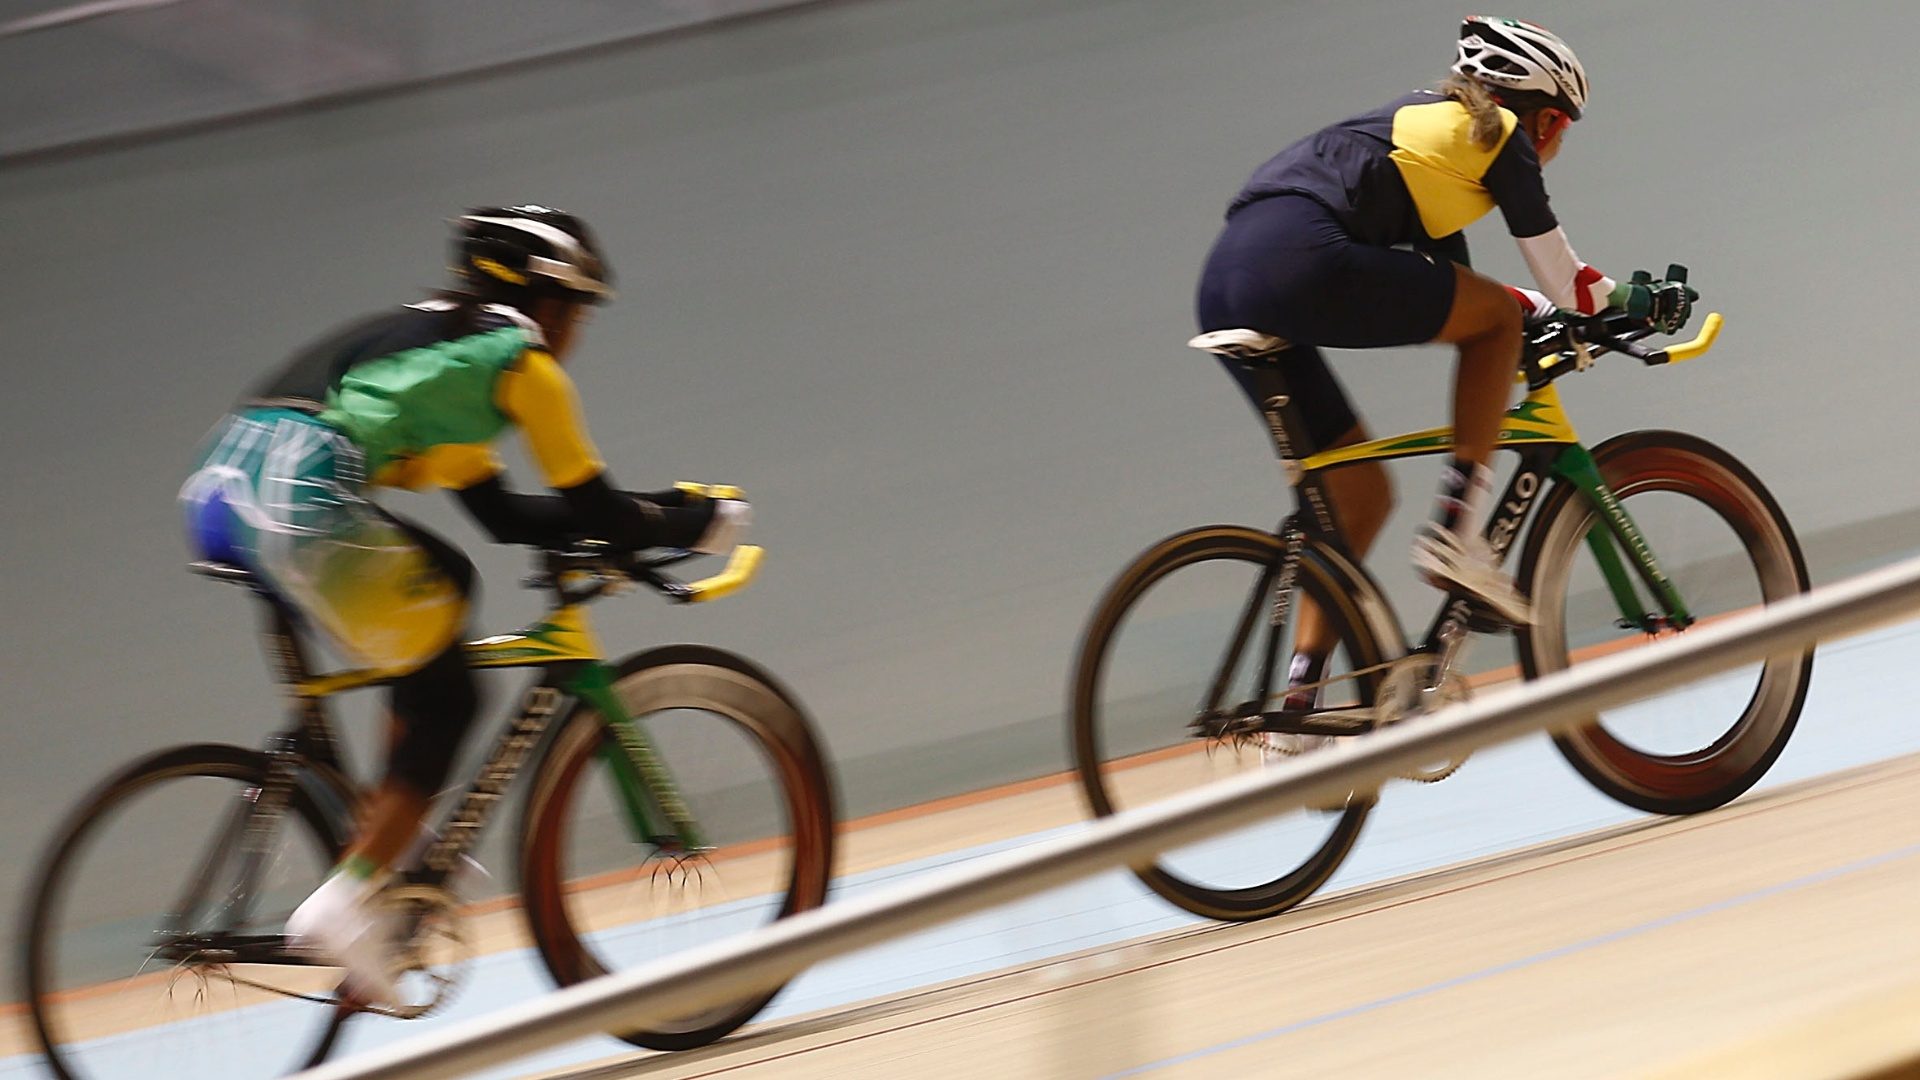 Disputas no ciclismo começam no dia 15 de outubro, nos Jogos Pan-Americanos de Guadalajara